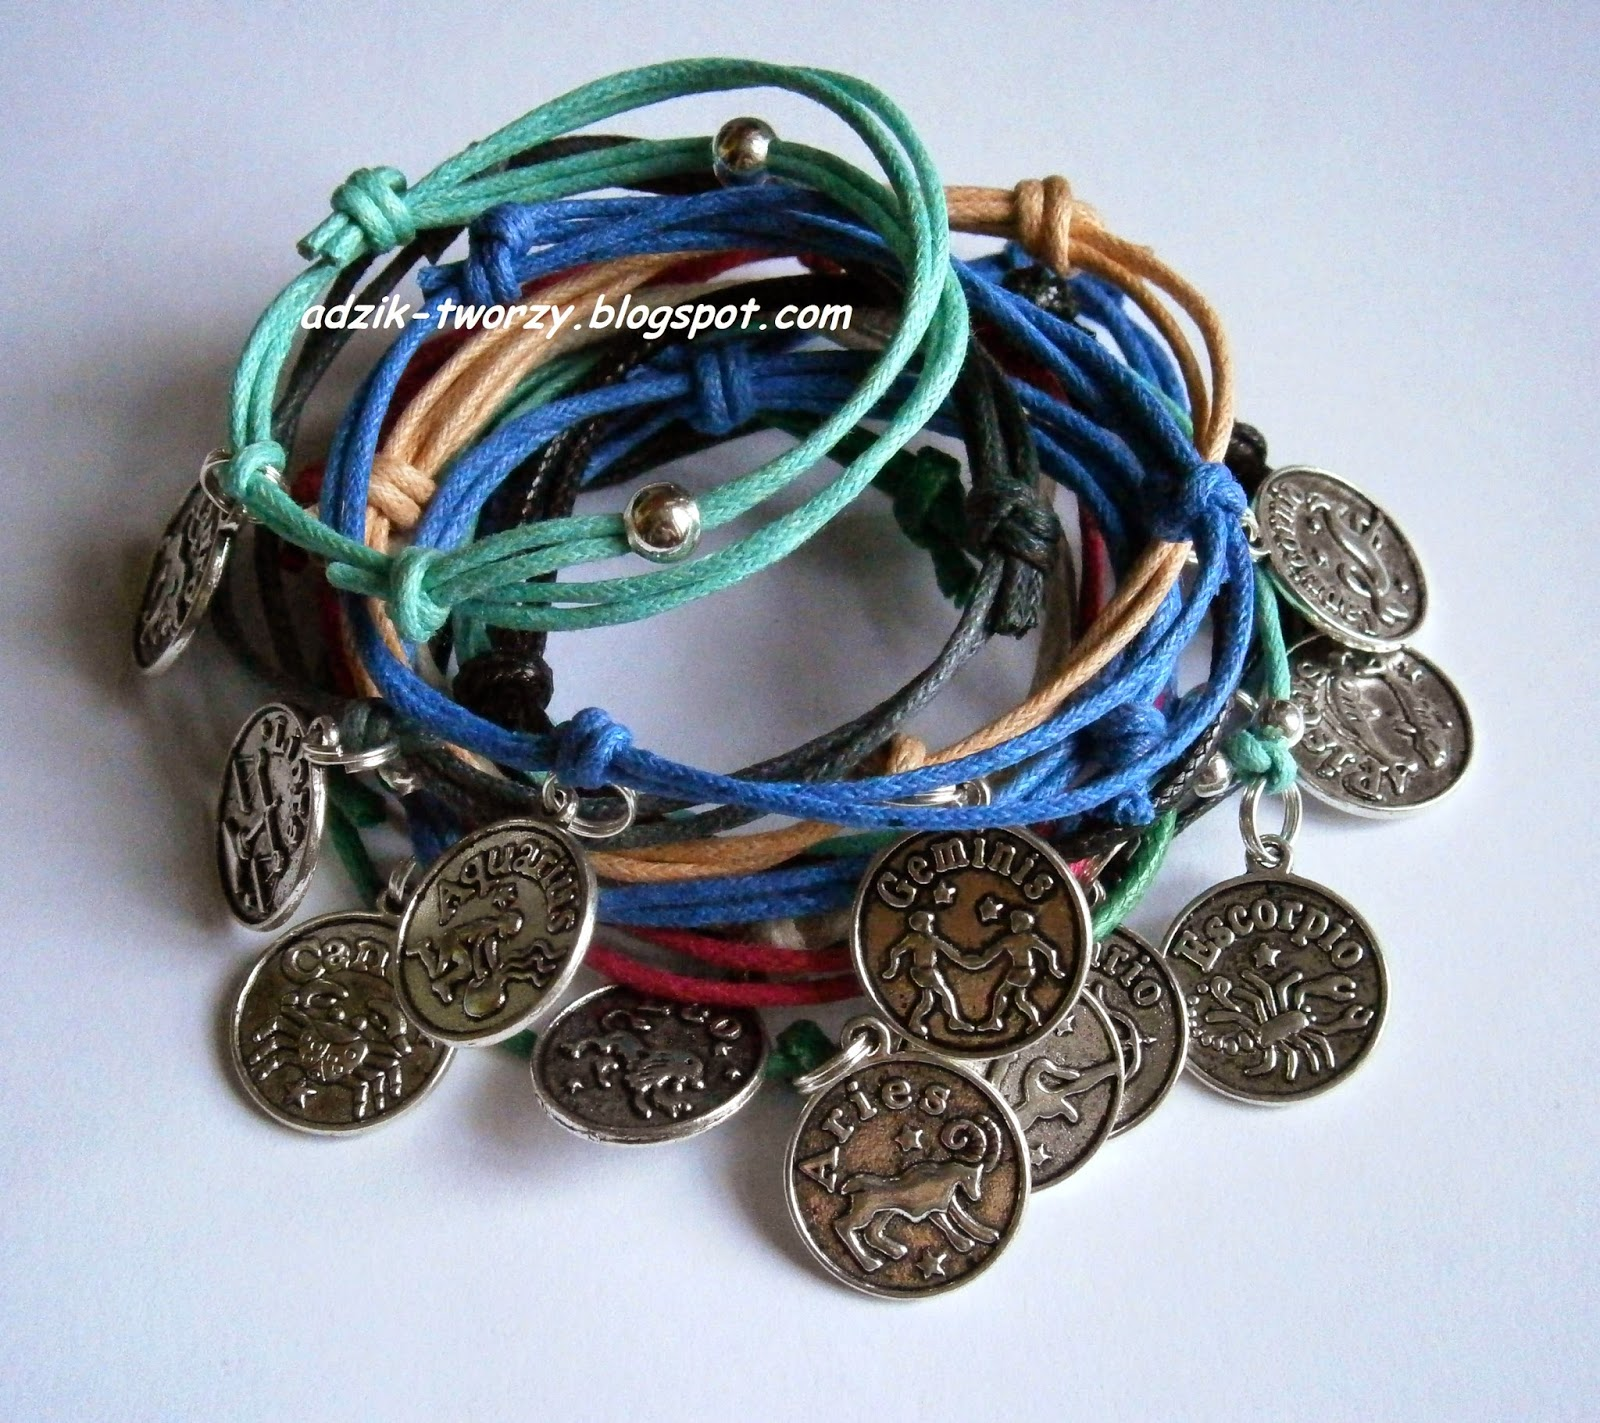 Rzemykowe bransoletki - 12 znaków Zodiaku